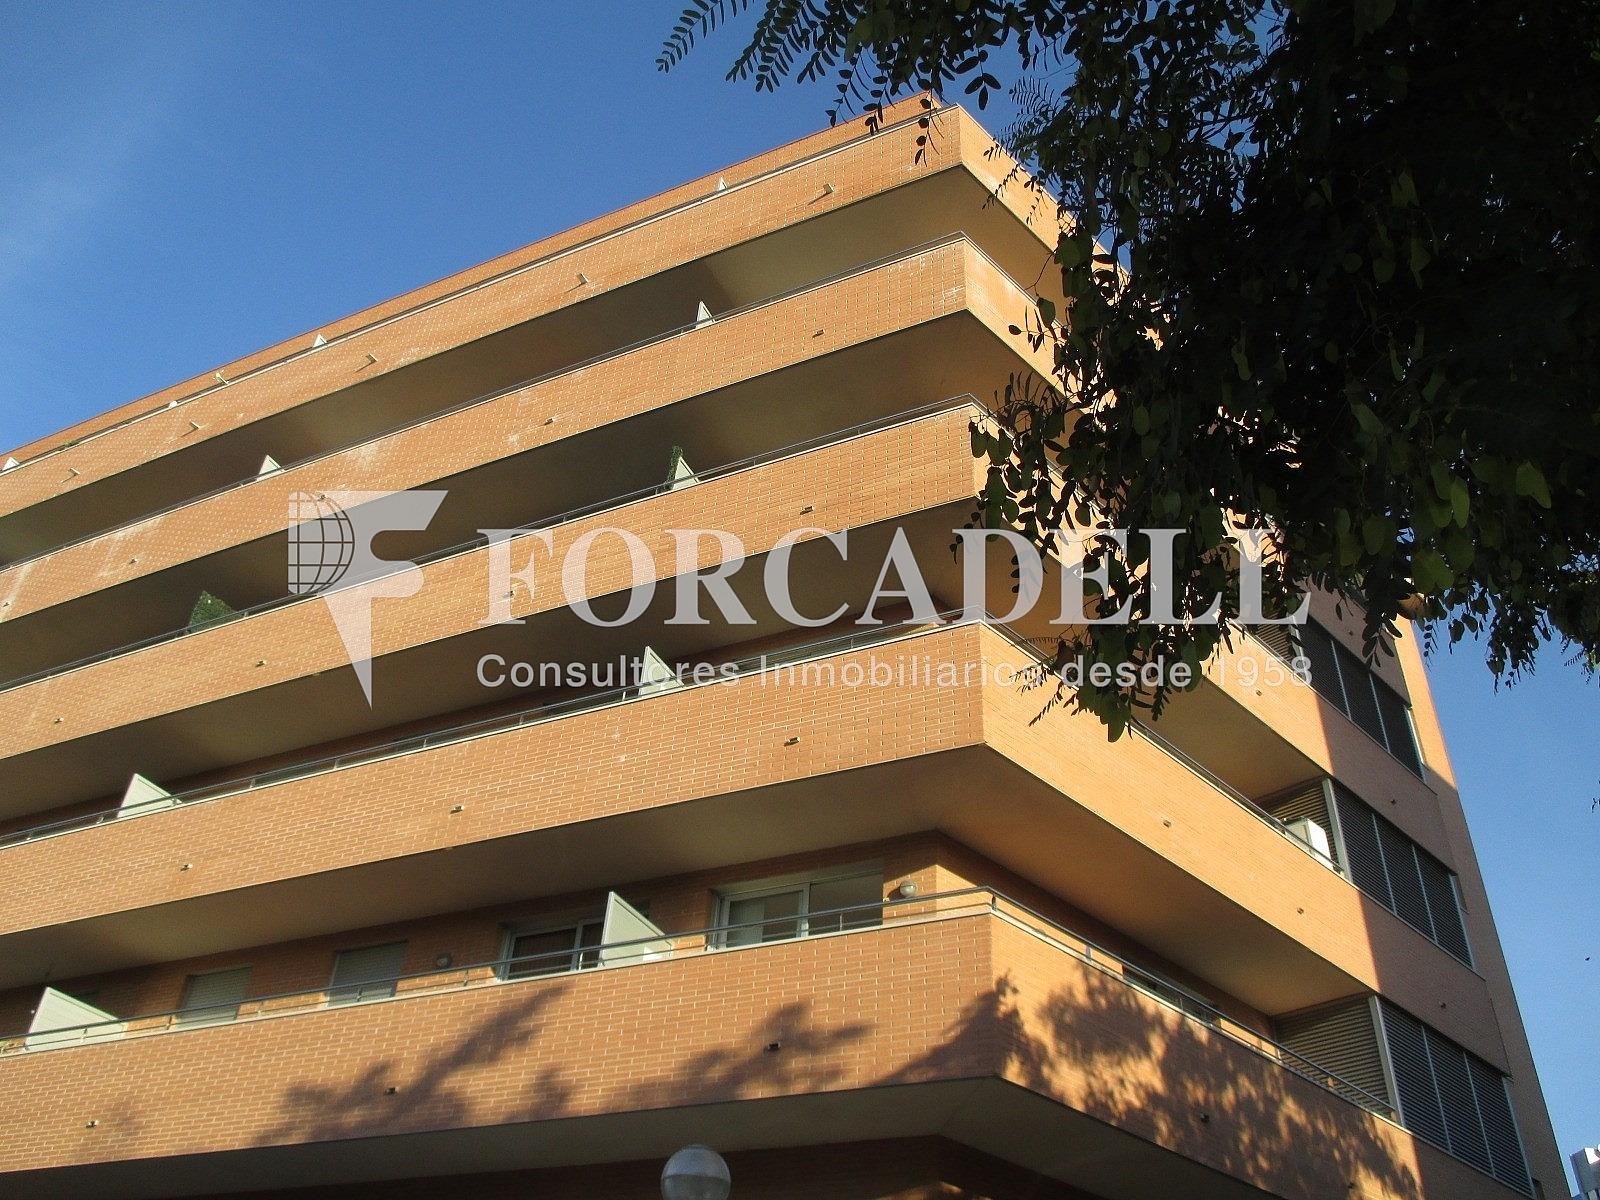 IMG_2663 - Piso en alquiler en calle Merce Rodoreda, Can clota en Esplugues de Llobregat - 331432026